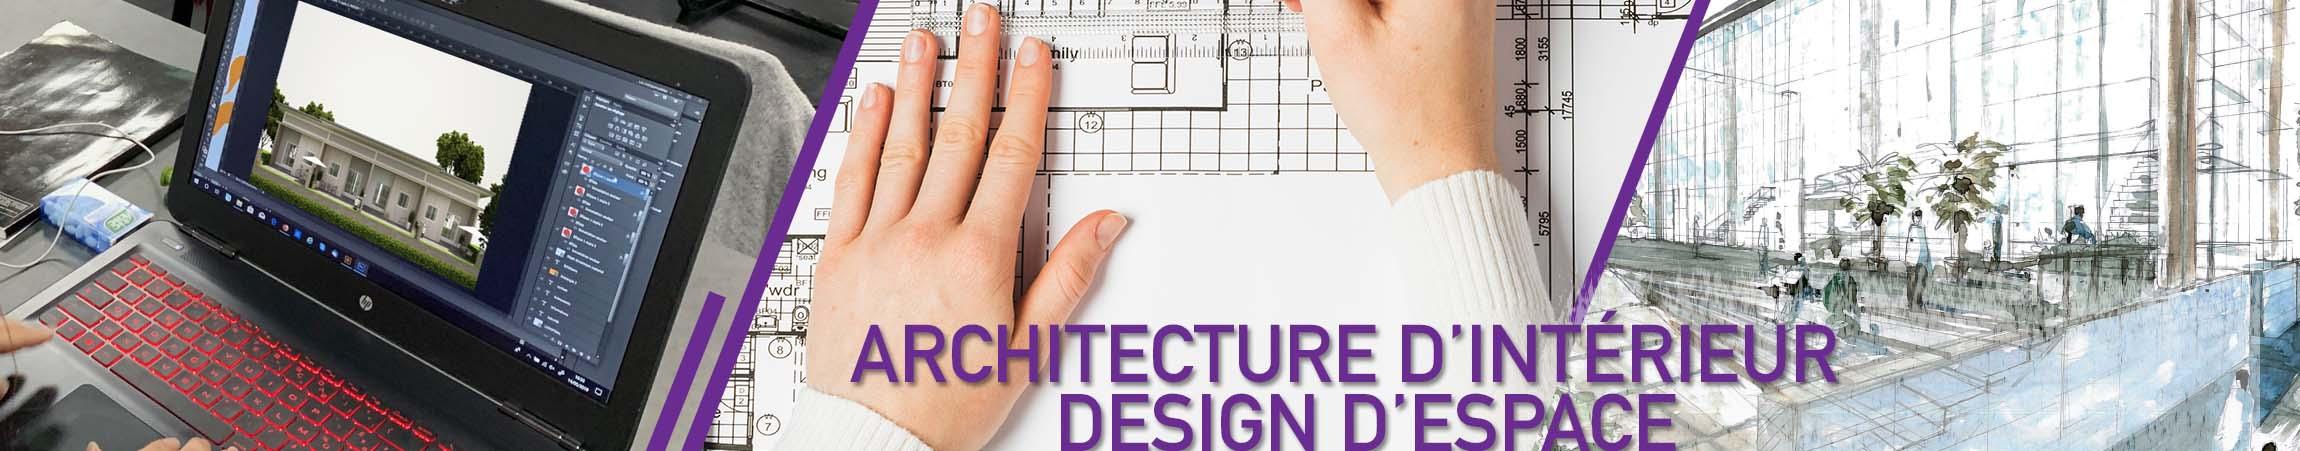 Comart-Ecole-Paris-Formation-Design Espace-Architecture